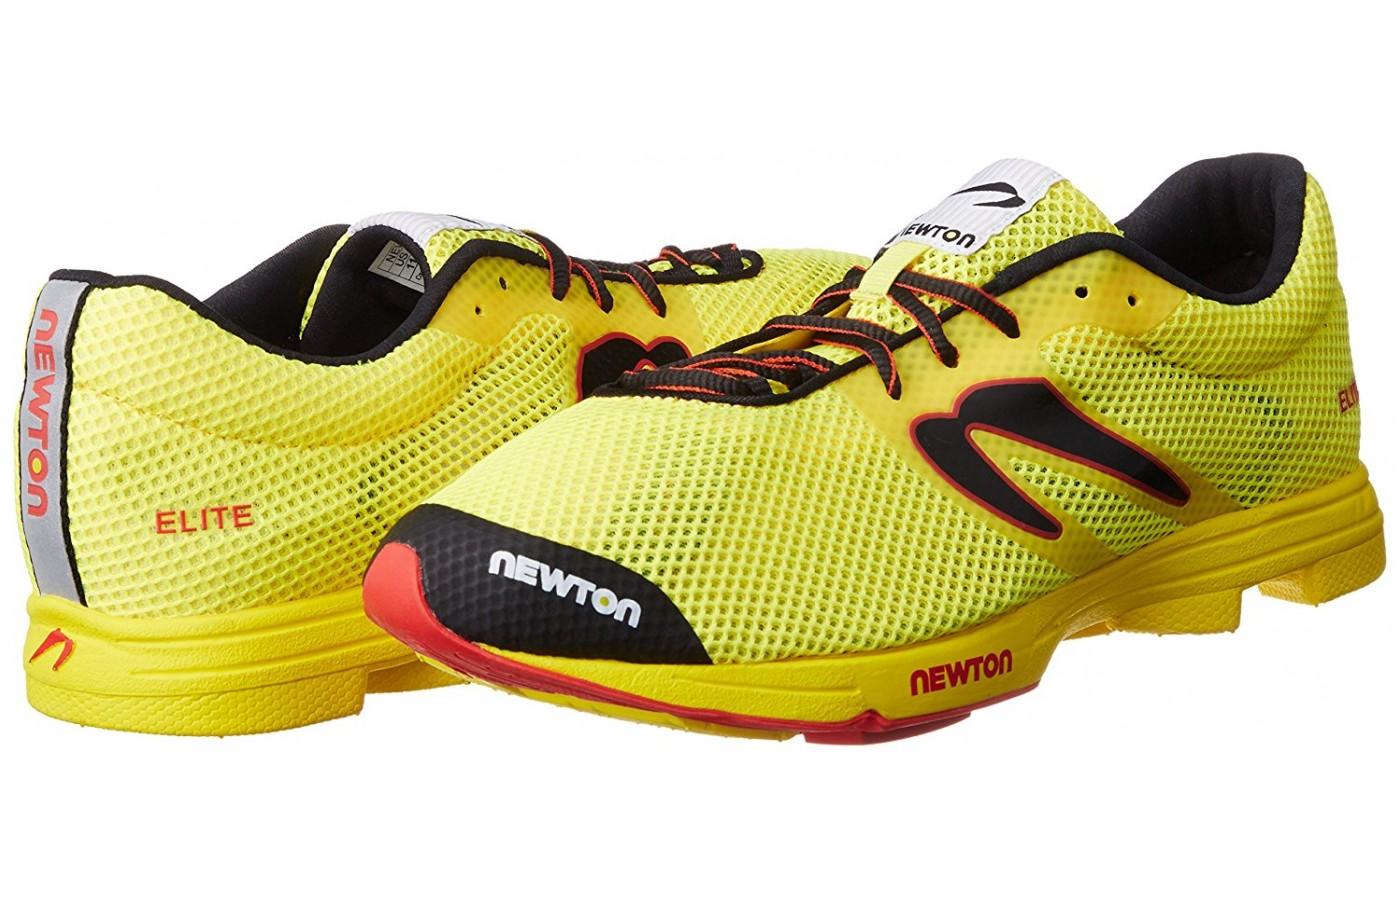 Newton Distance Elite pair